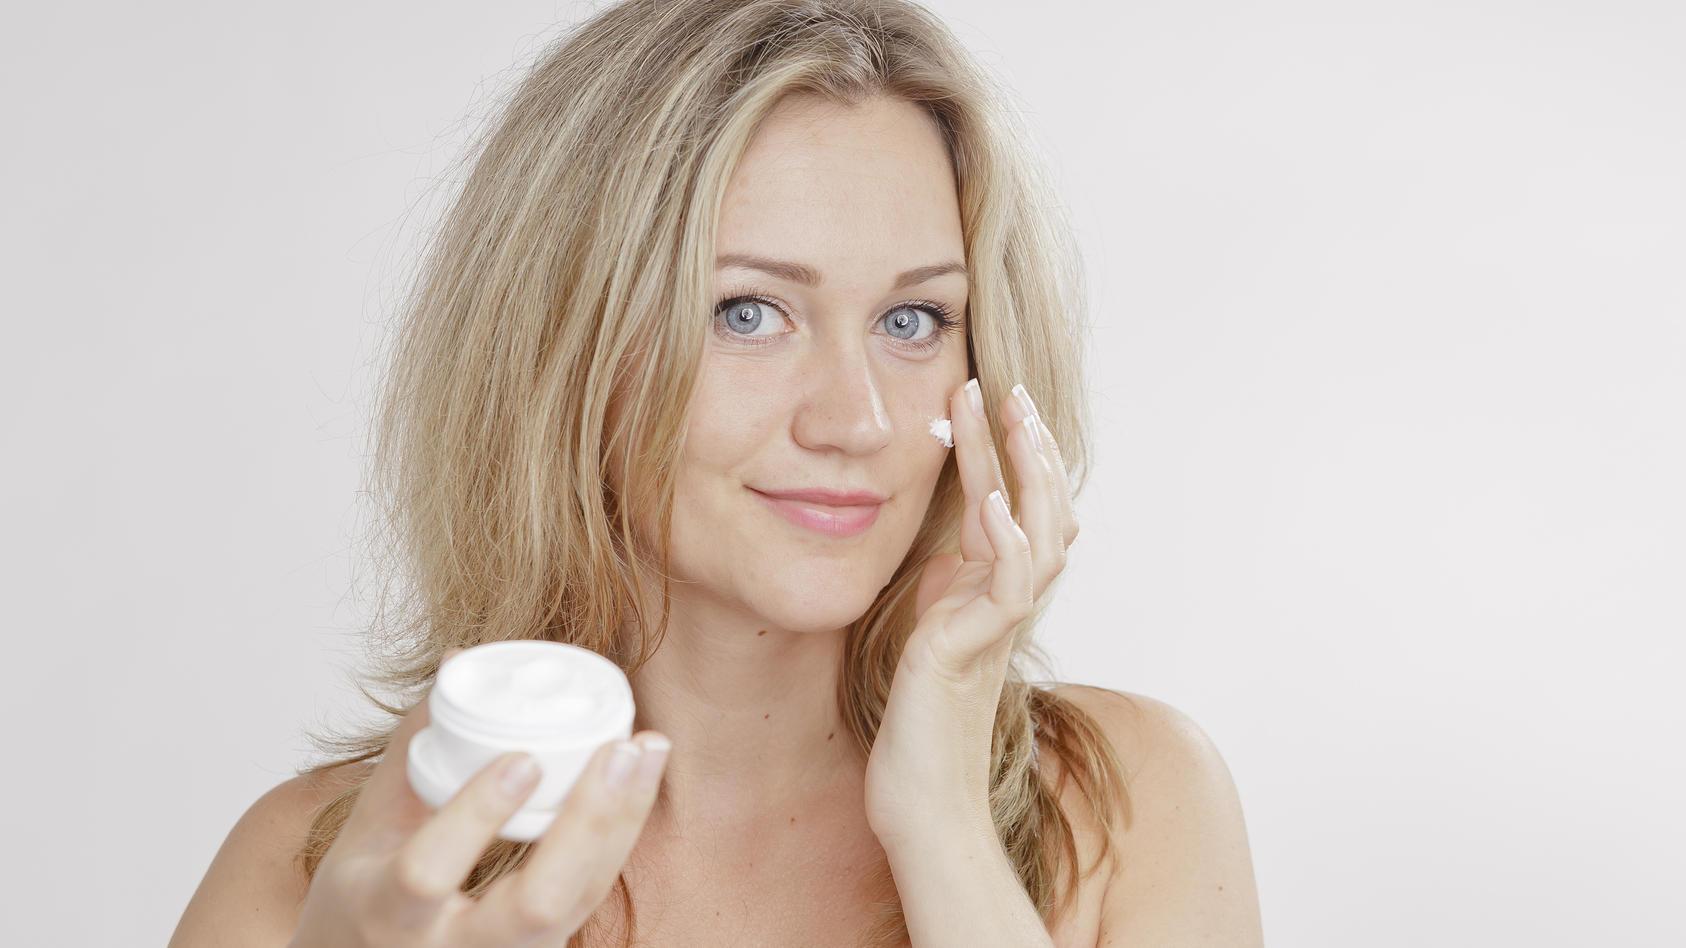 Schönheitspflege - Hautpflege